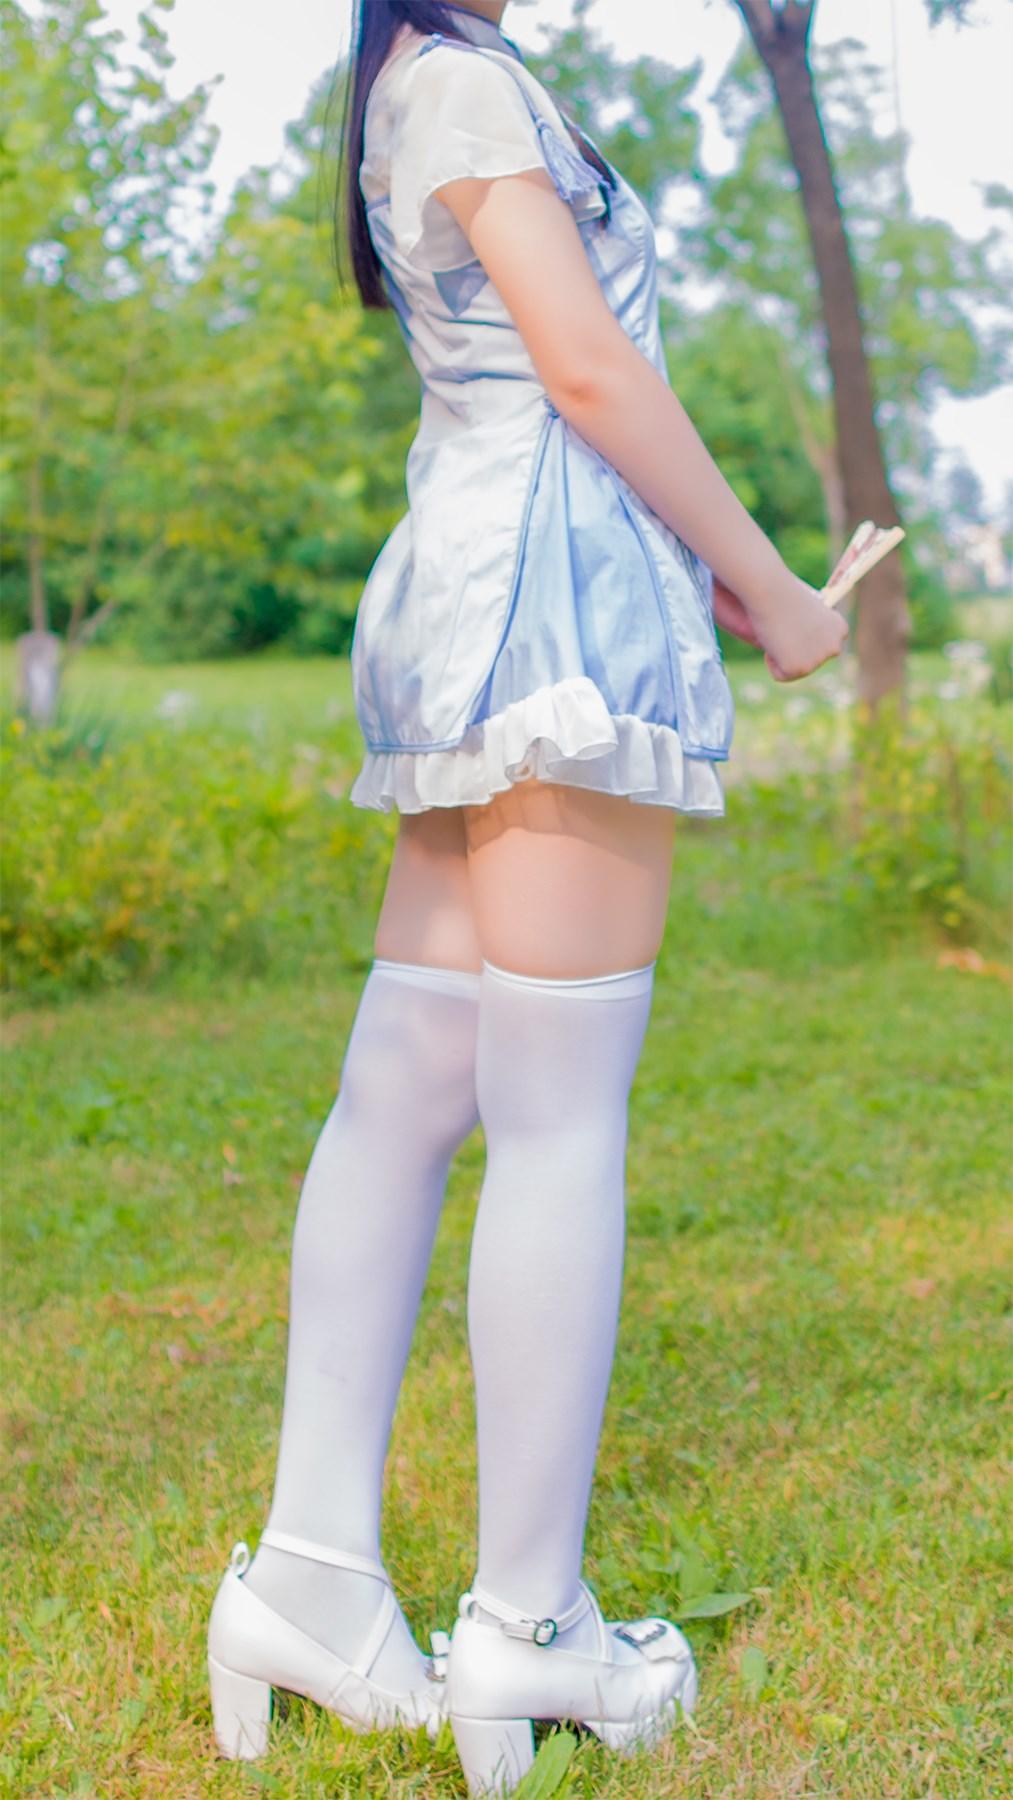 【兔玩映画】白丝旗袍 兔玩映画 第45张